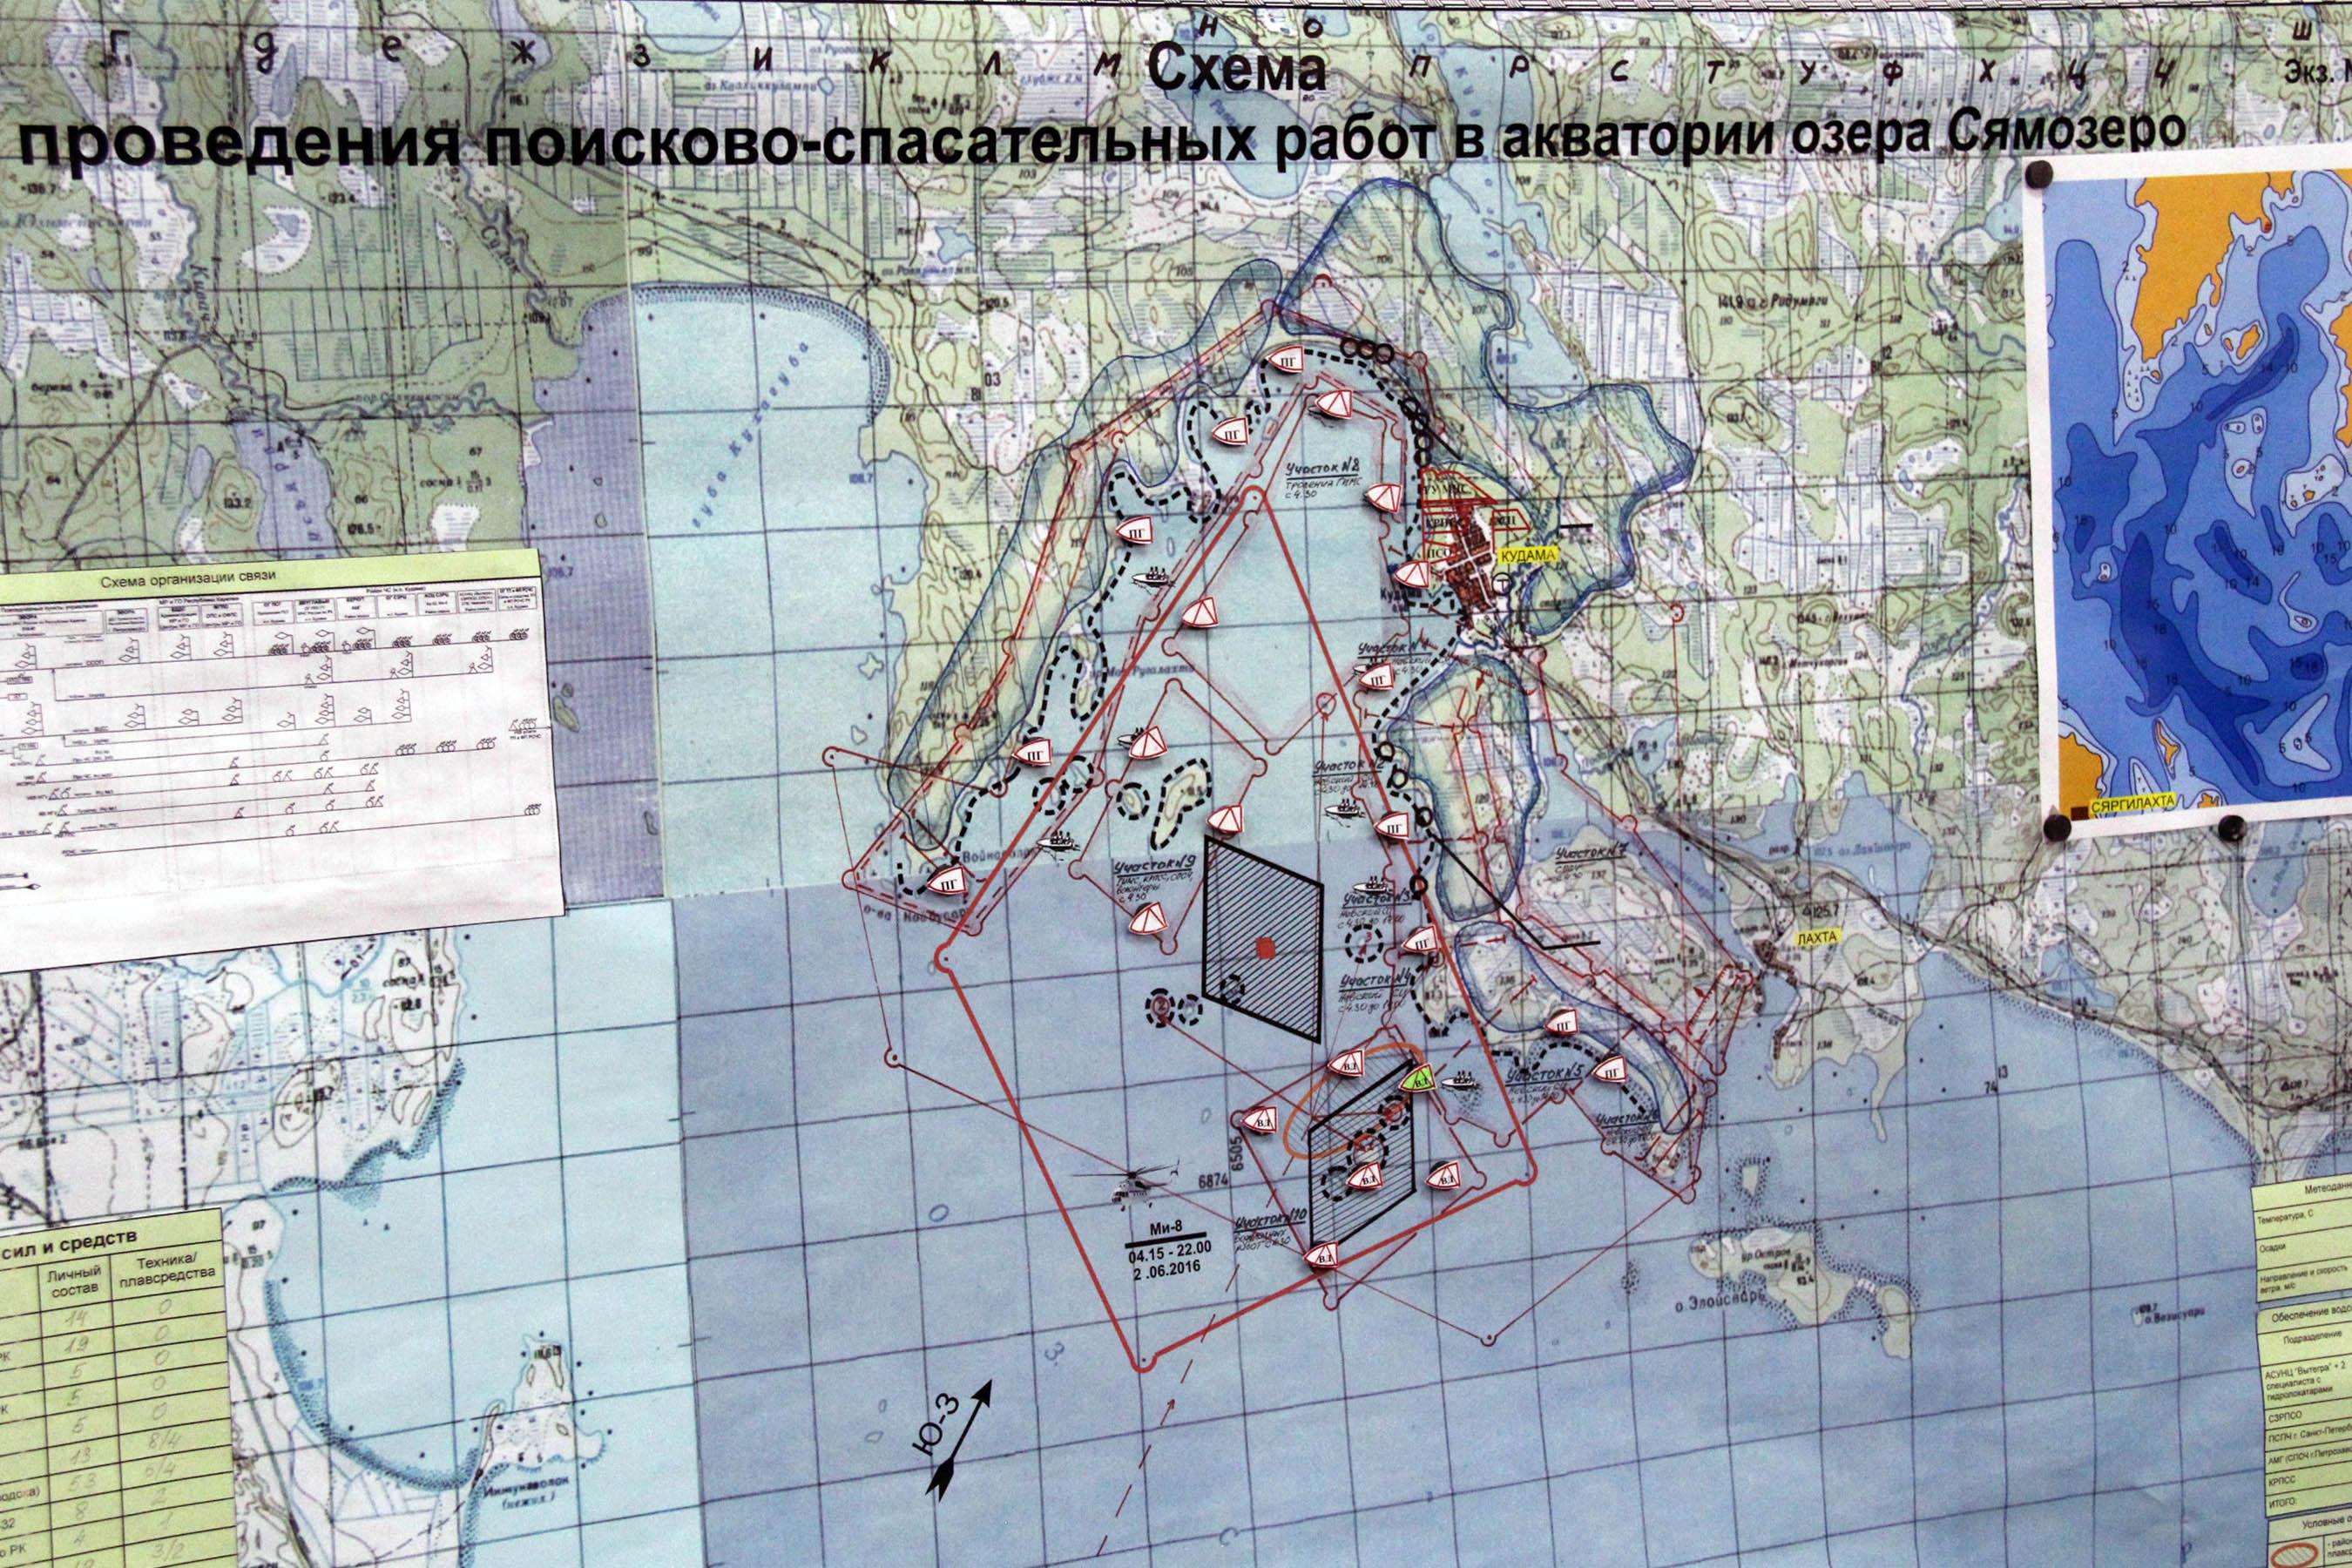 Схема проведения поисково-спасательных работ на Сямозере